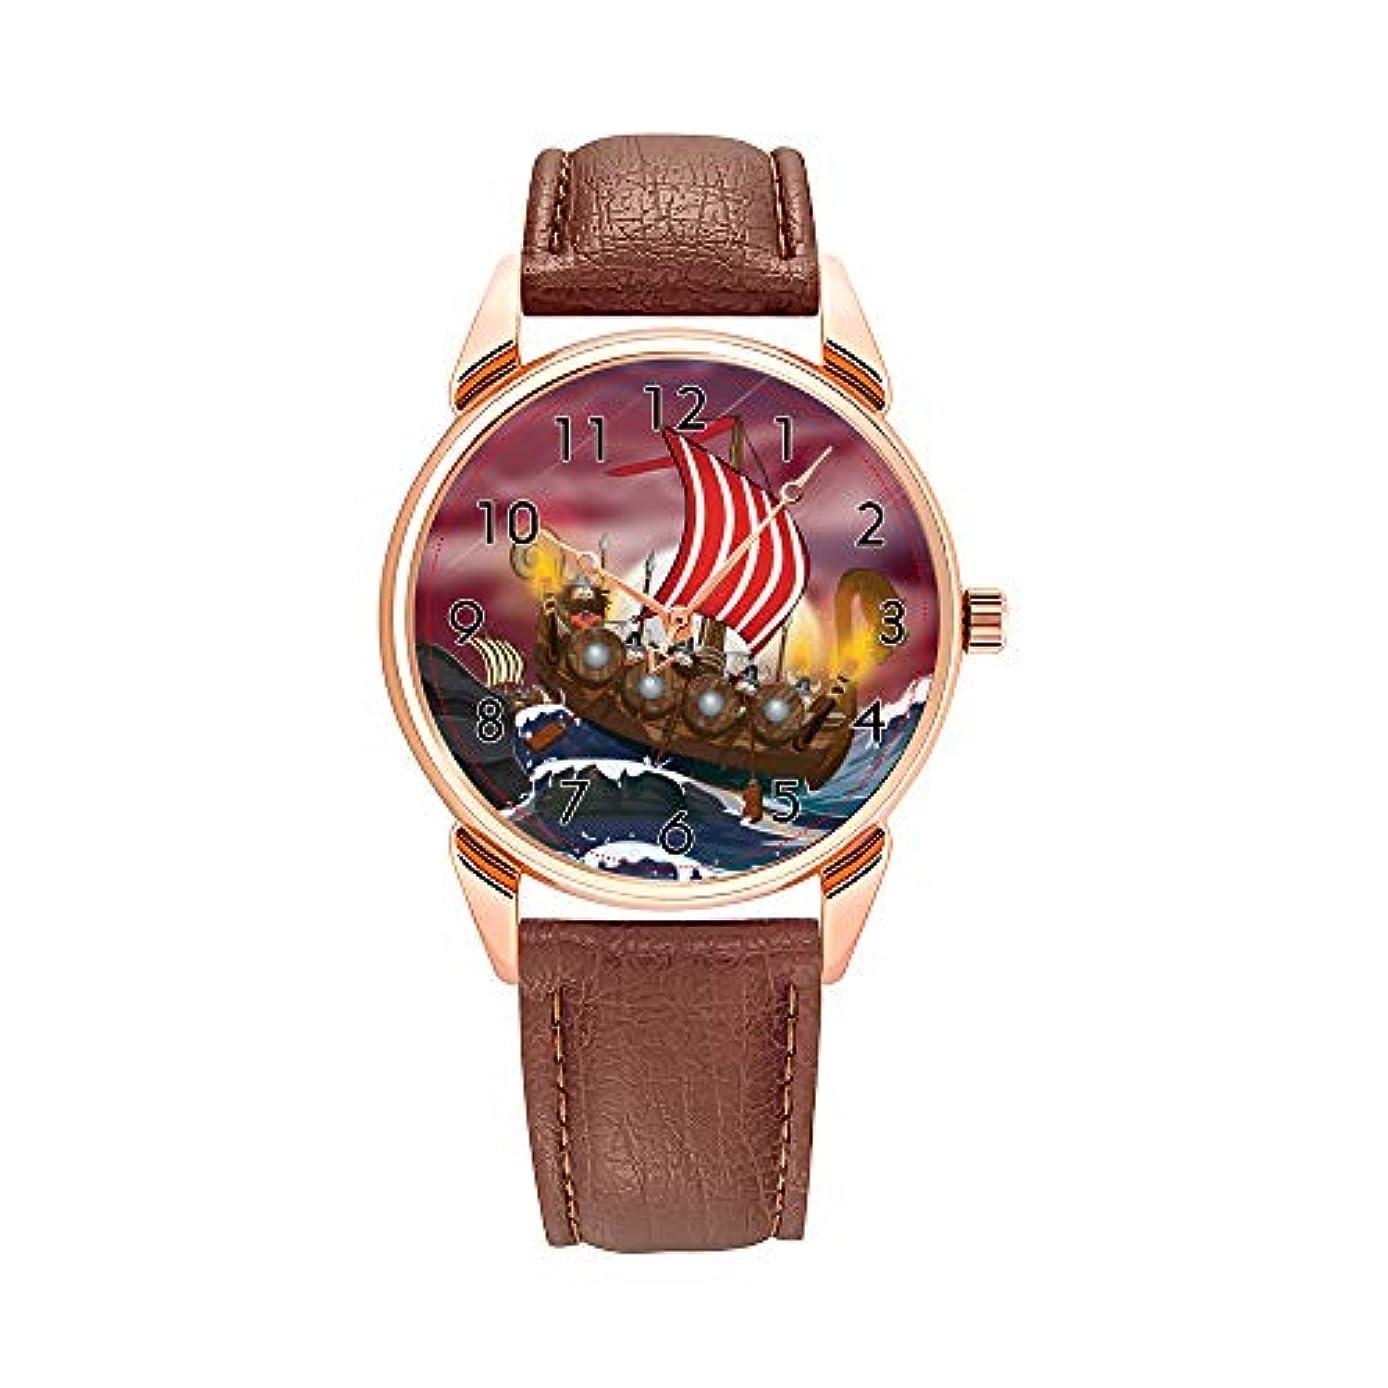 ウィザード煙ハウジングファッションクォーツウォッチ メンズウォッチ トップブランド ラグジュアリー メンズ時計 ビジネスウォッチ バイキング+シップ+インベイジョン+フリート インベイジョン+フリート インベイジョン+フリート腕時計